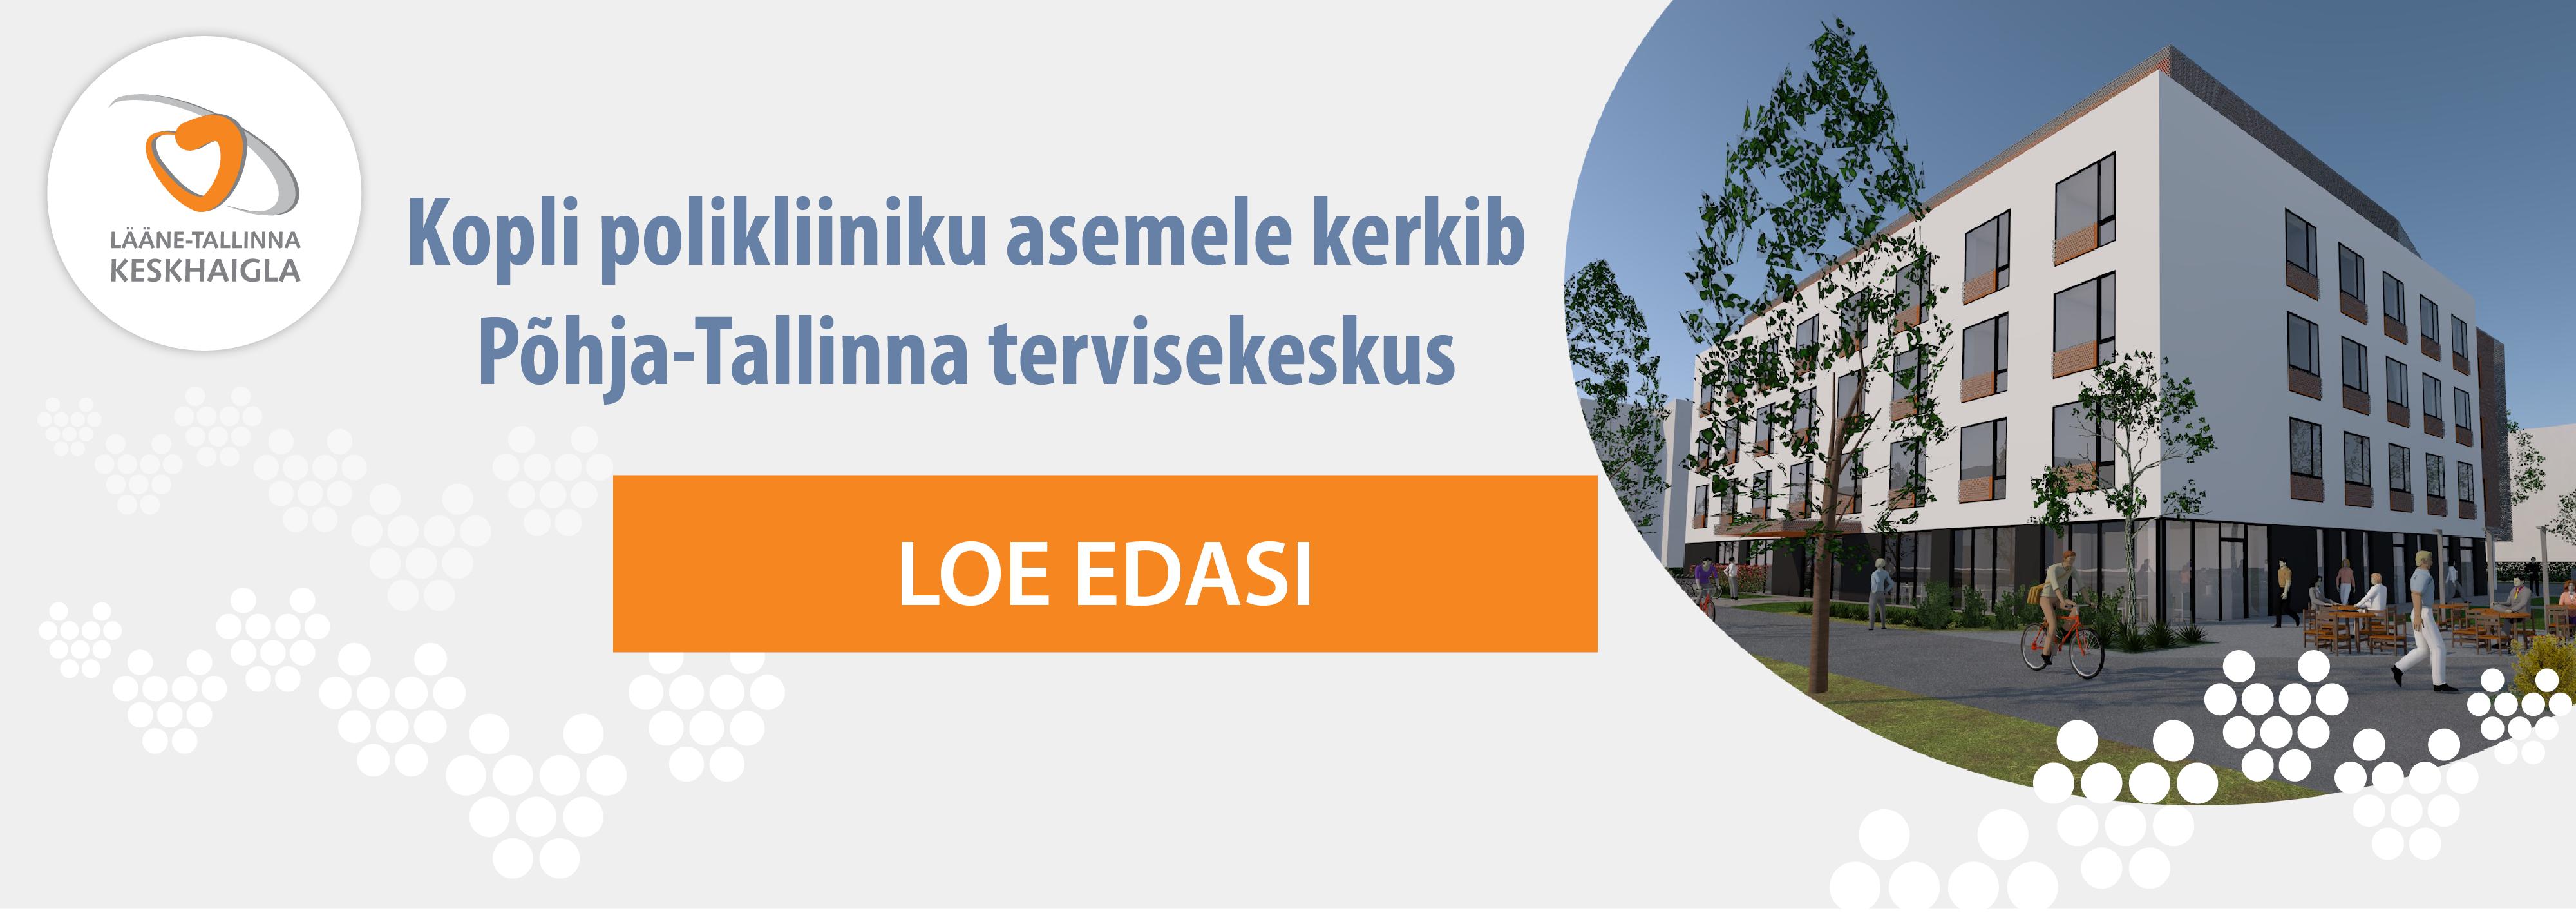 slider_kopli_uus-tervisekeskus